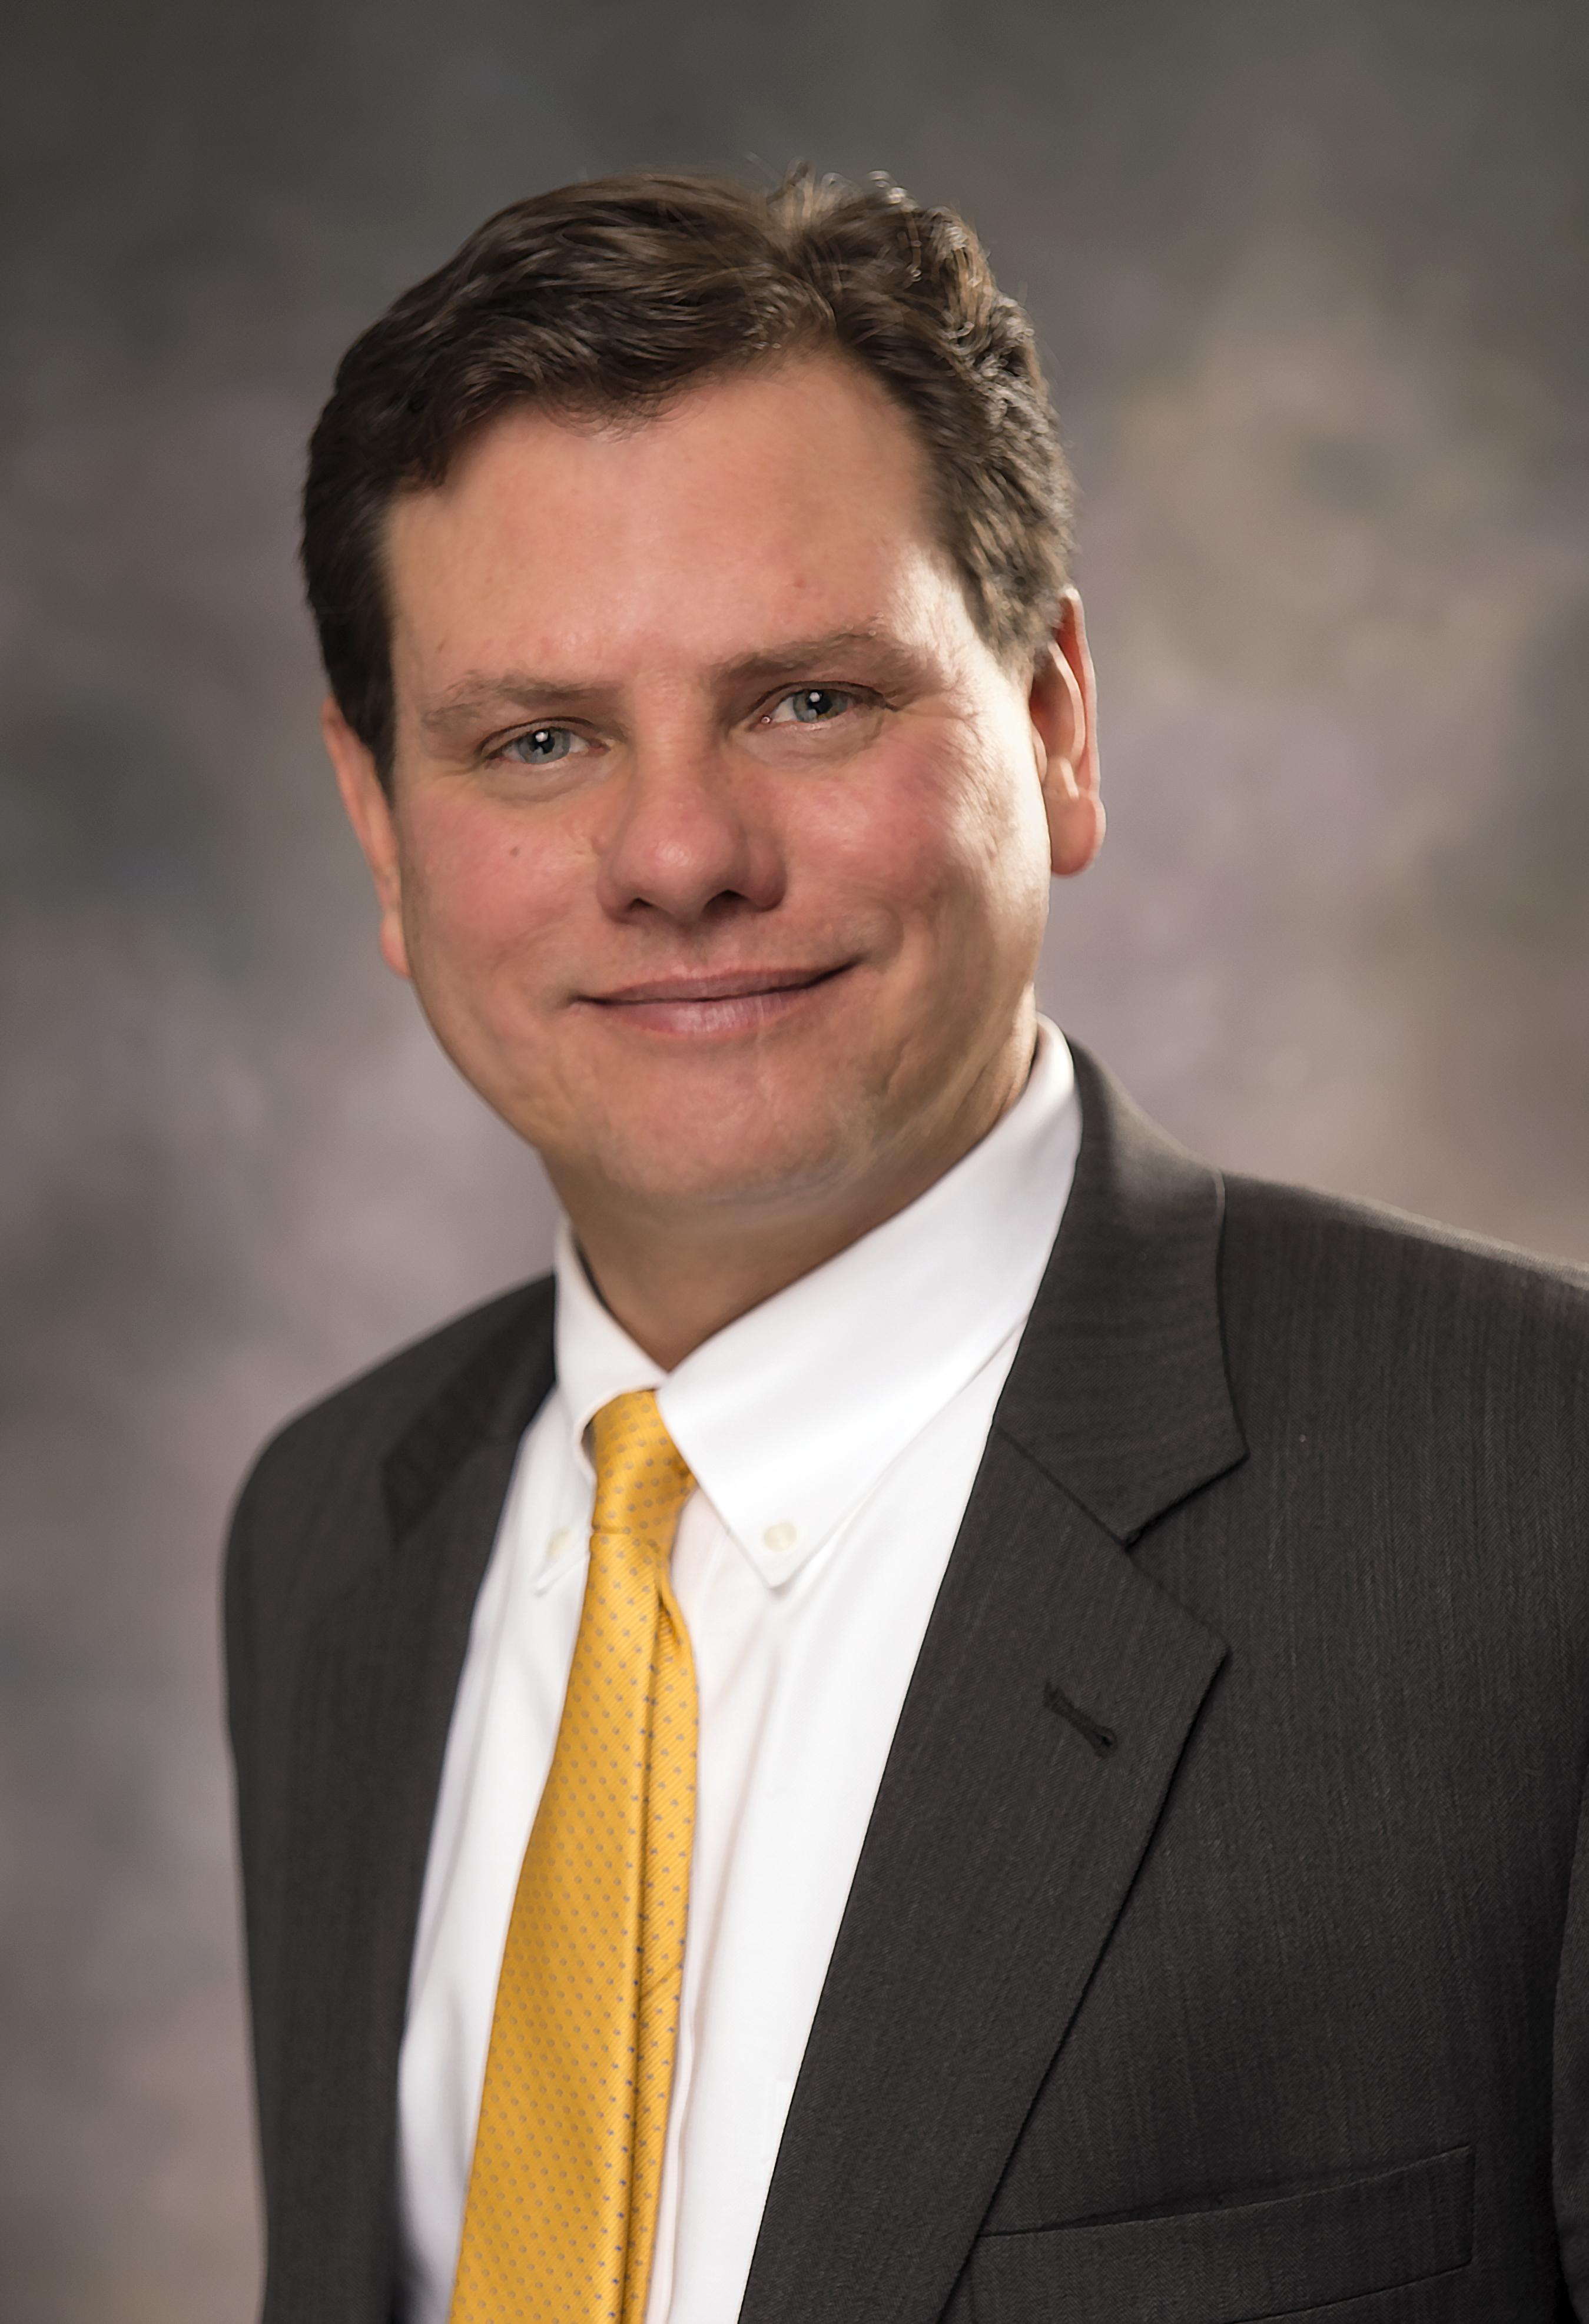 Craig P. Ward